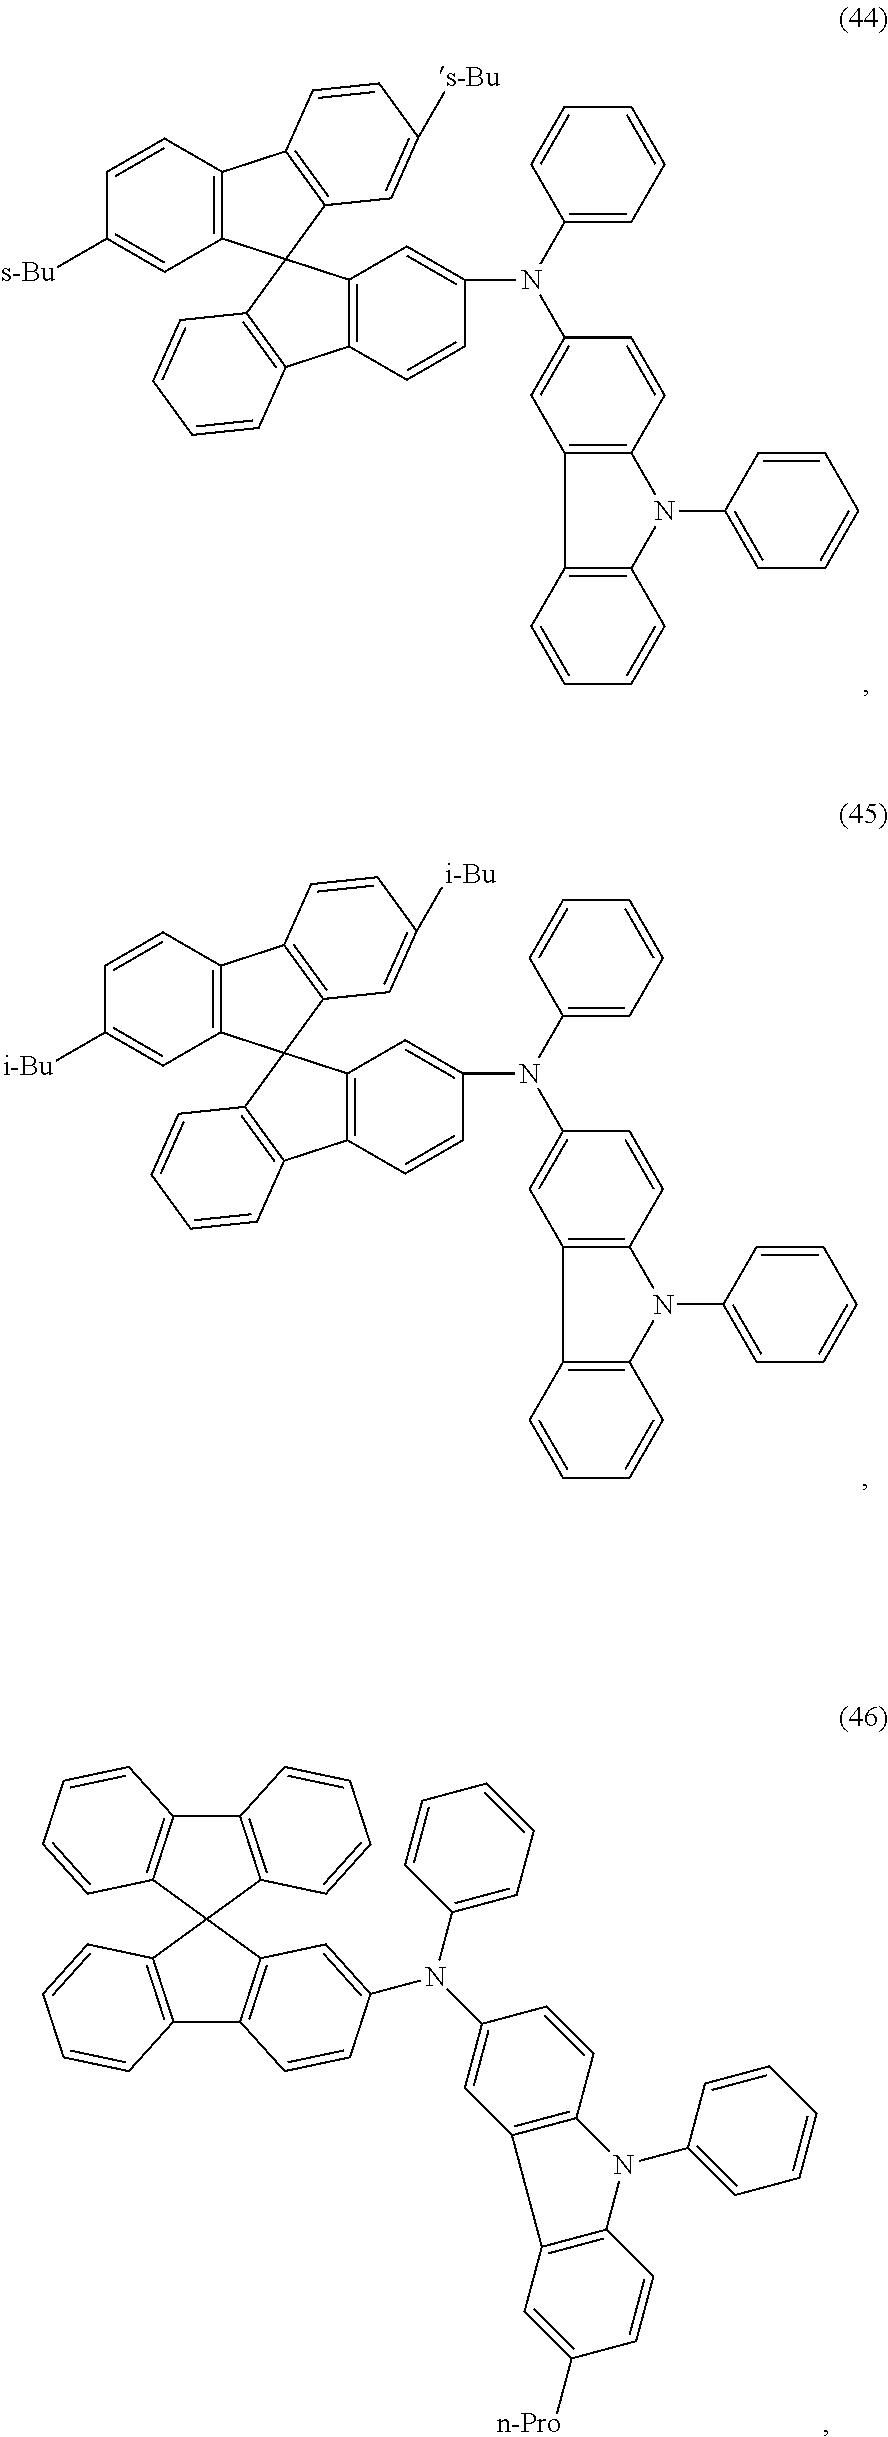 Figure US09548457-20170117-C00053